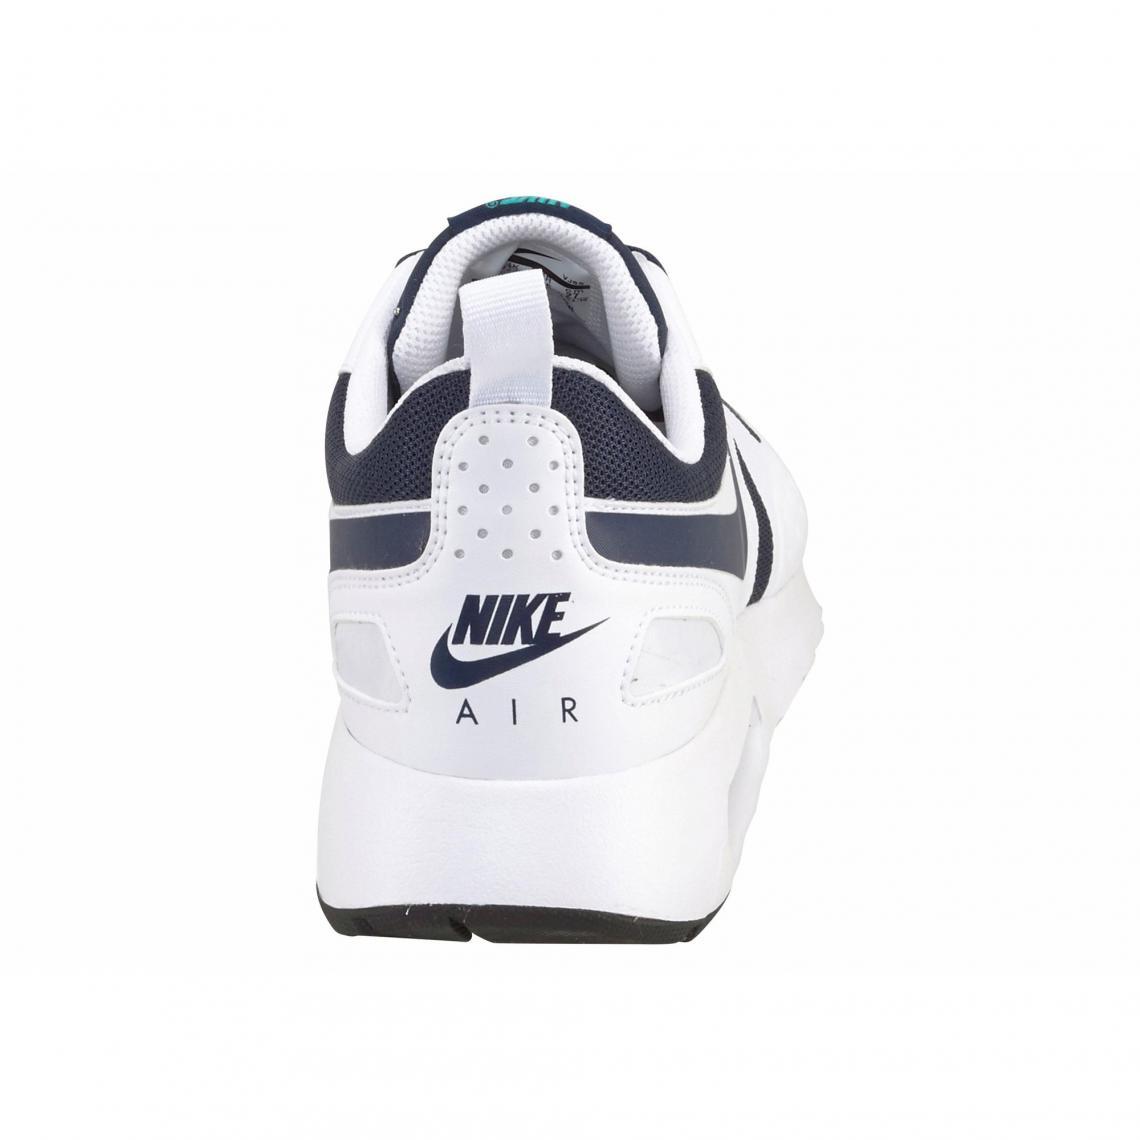 Nike Air Max vision chaussures sport homme Blanc Marine